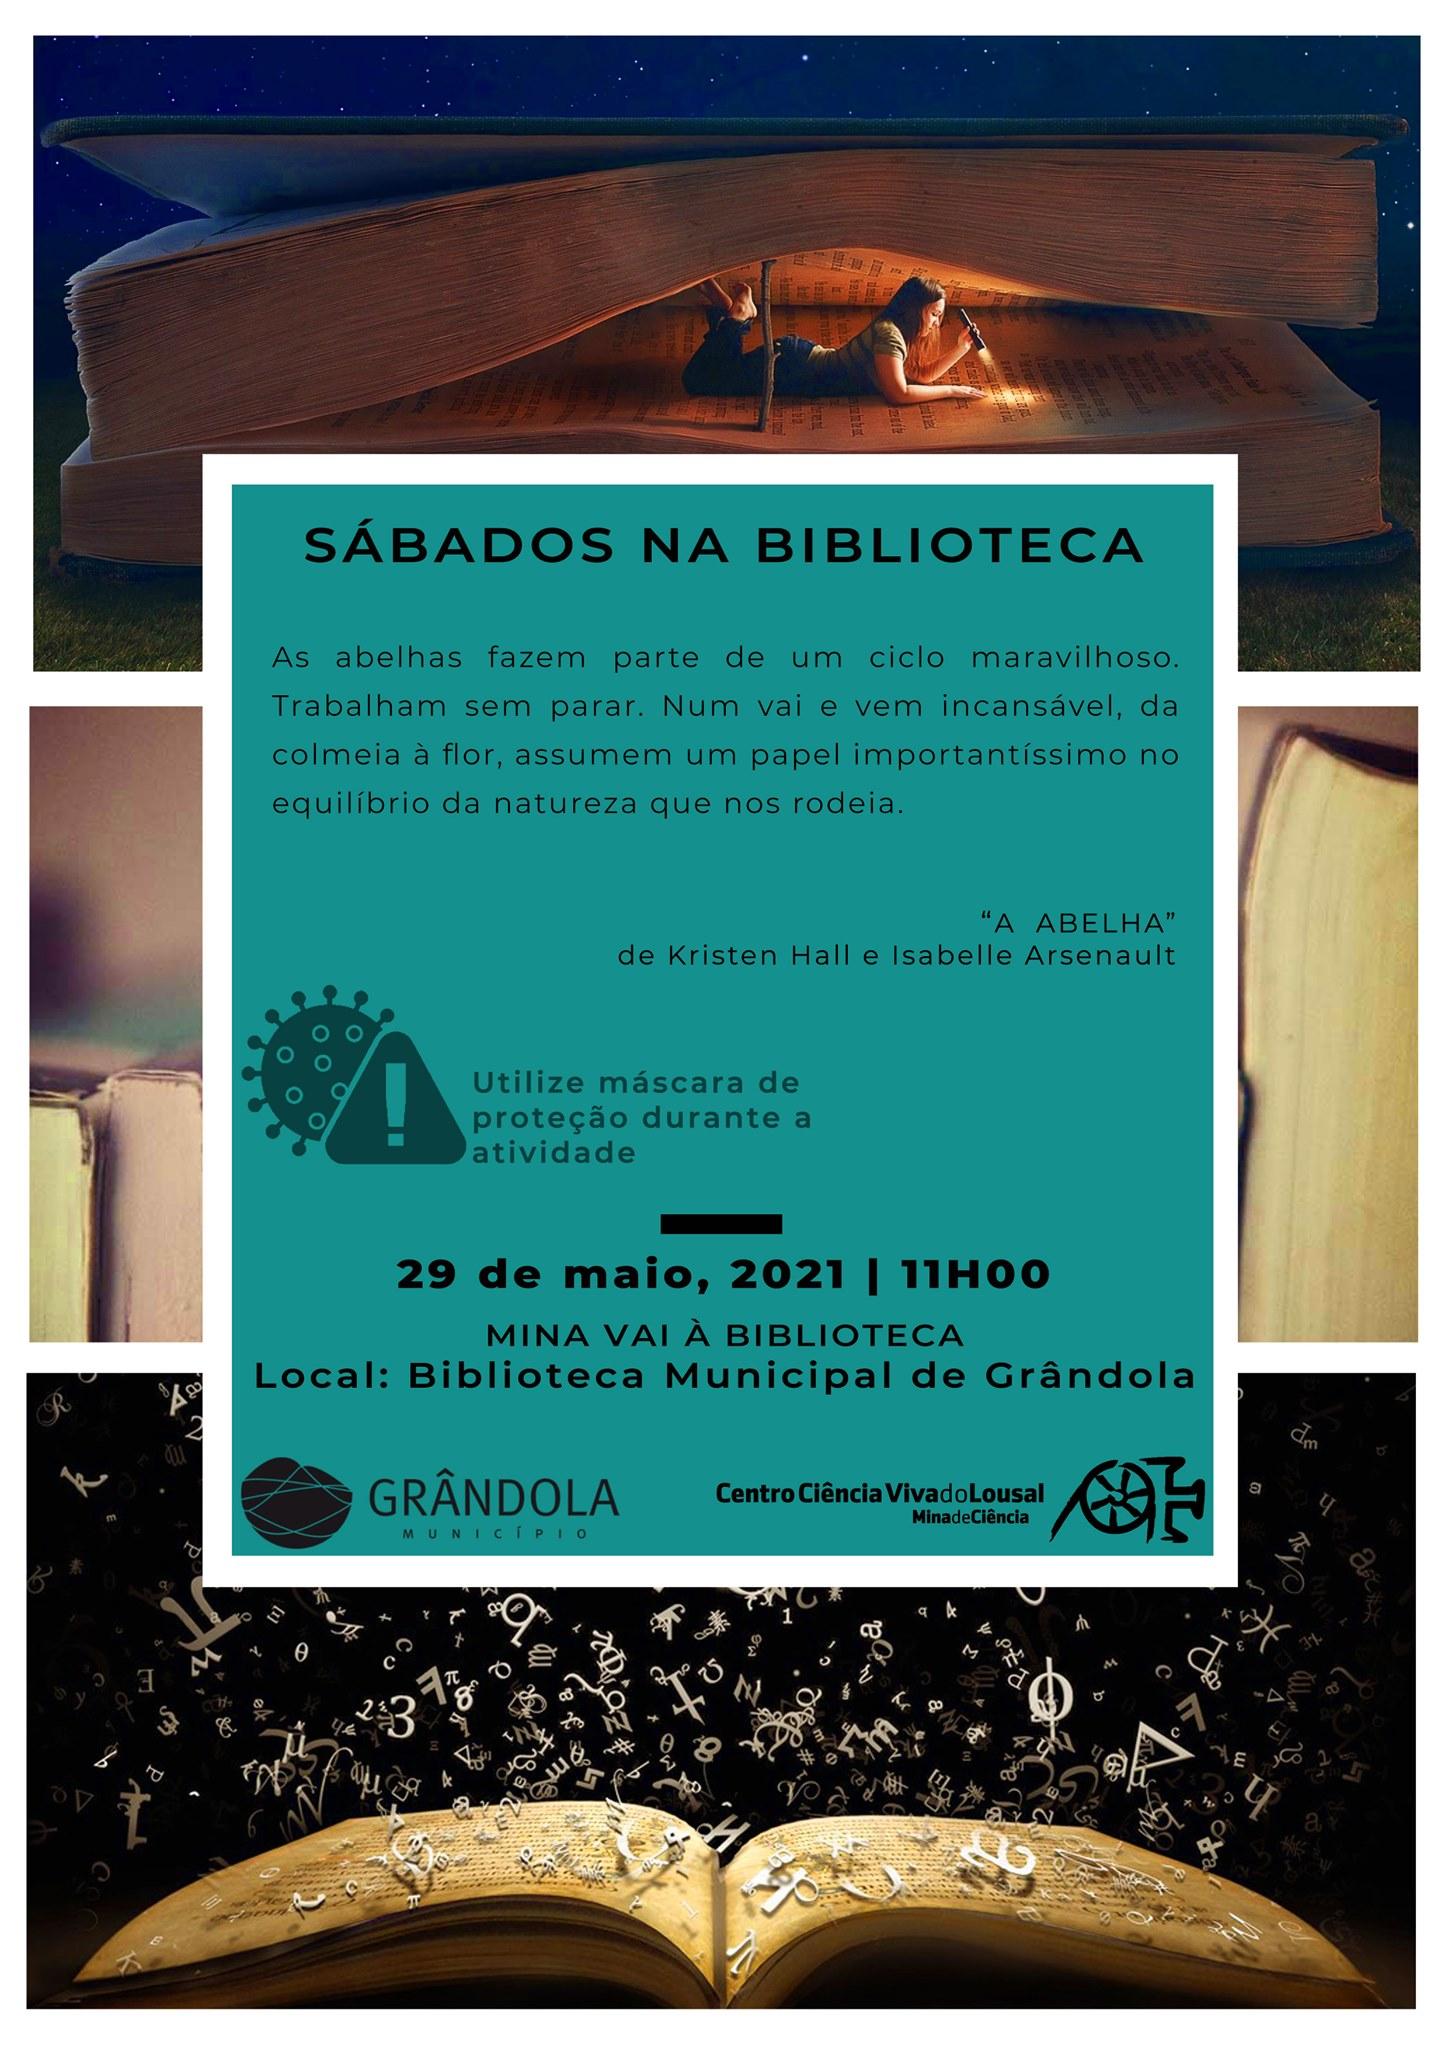 Sábados na Biblioteca de Grândola